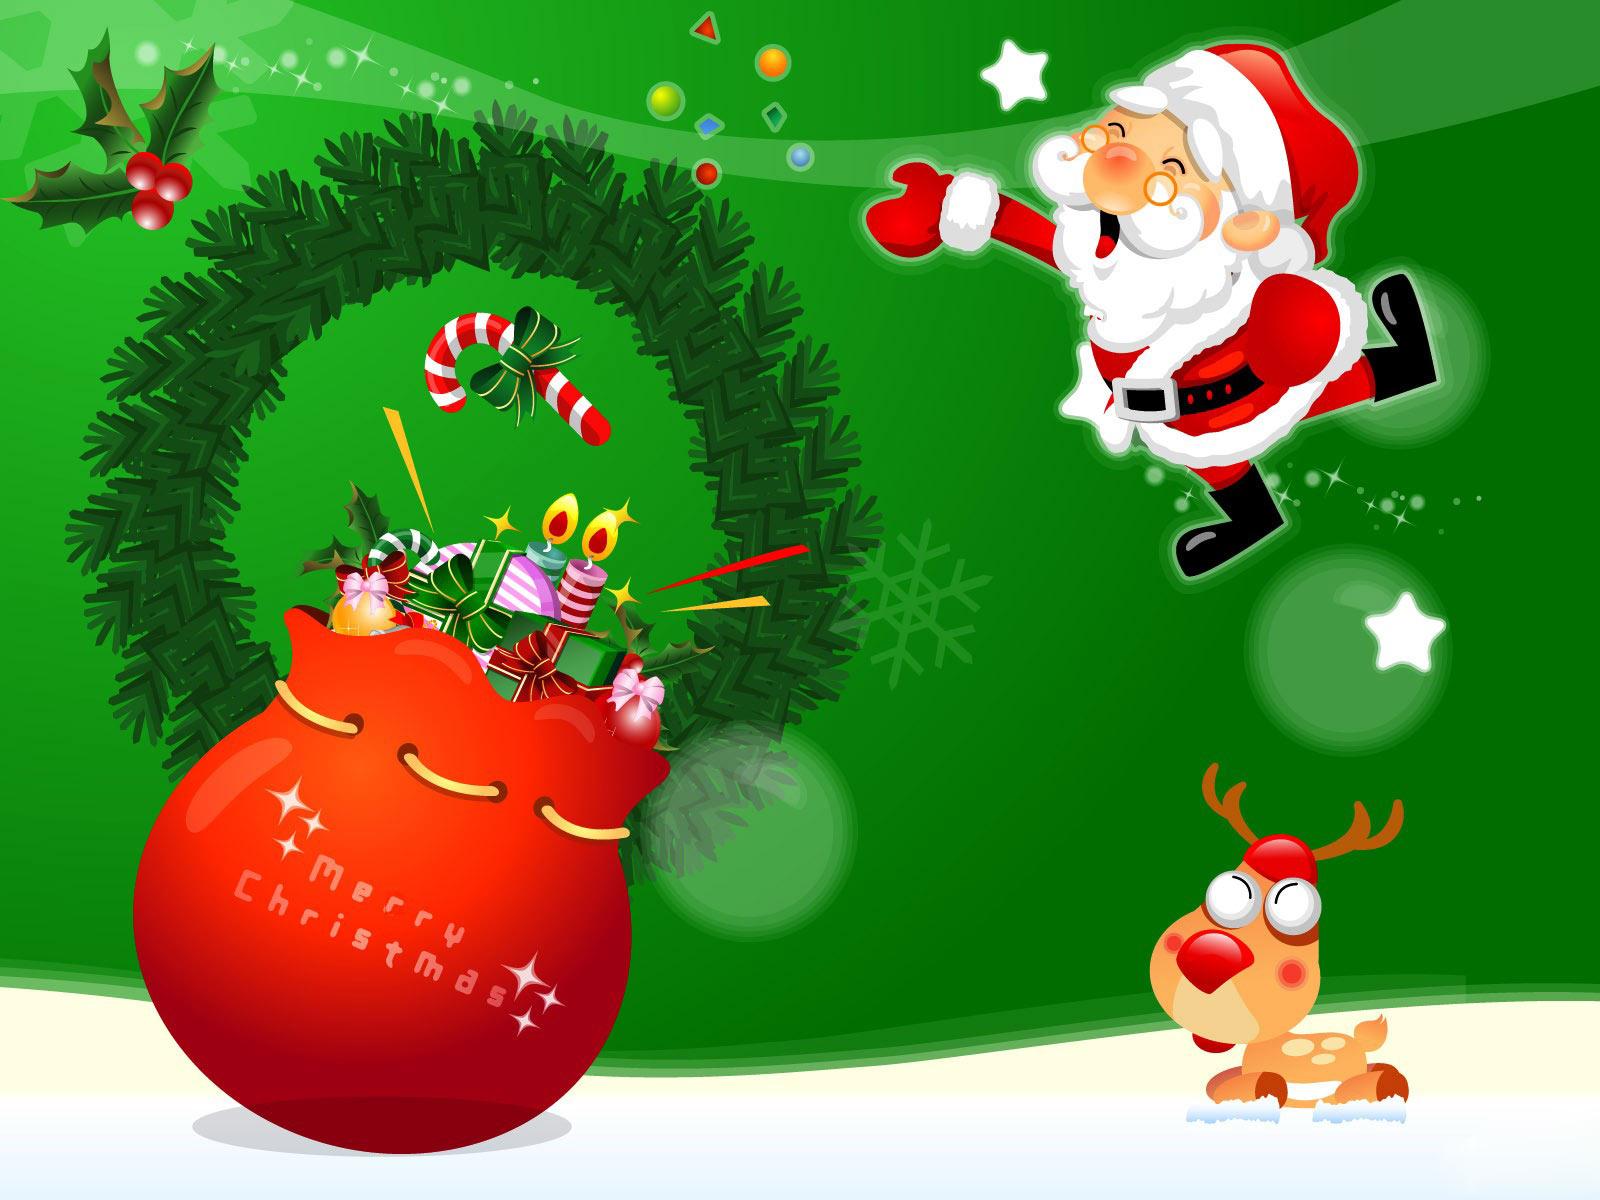 Christmas Wallpapers Christmas Desktop Wallpapers 1600x1200